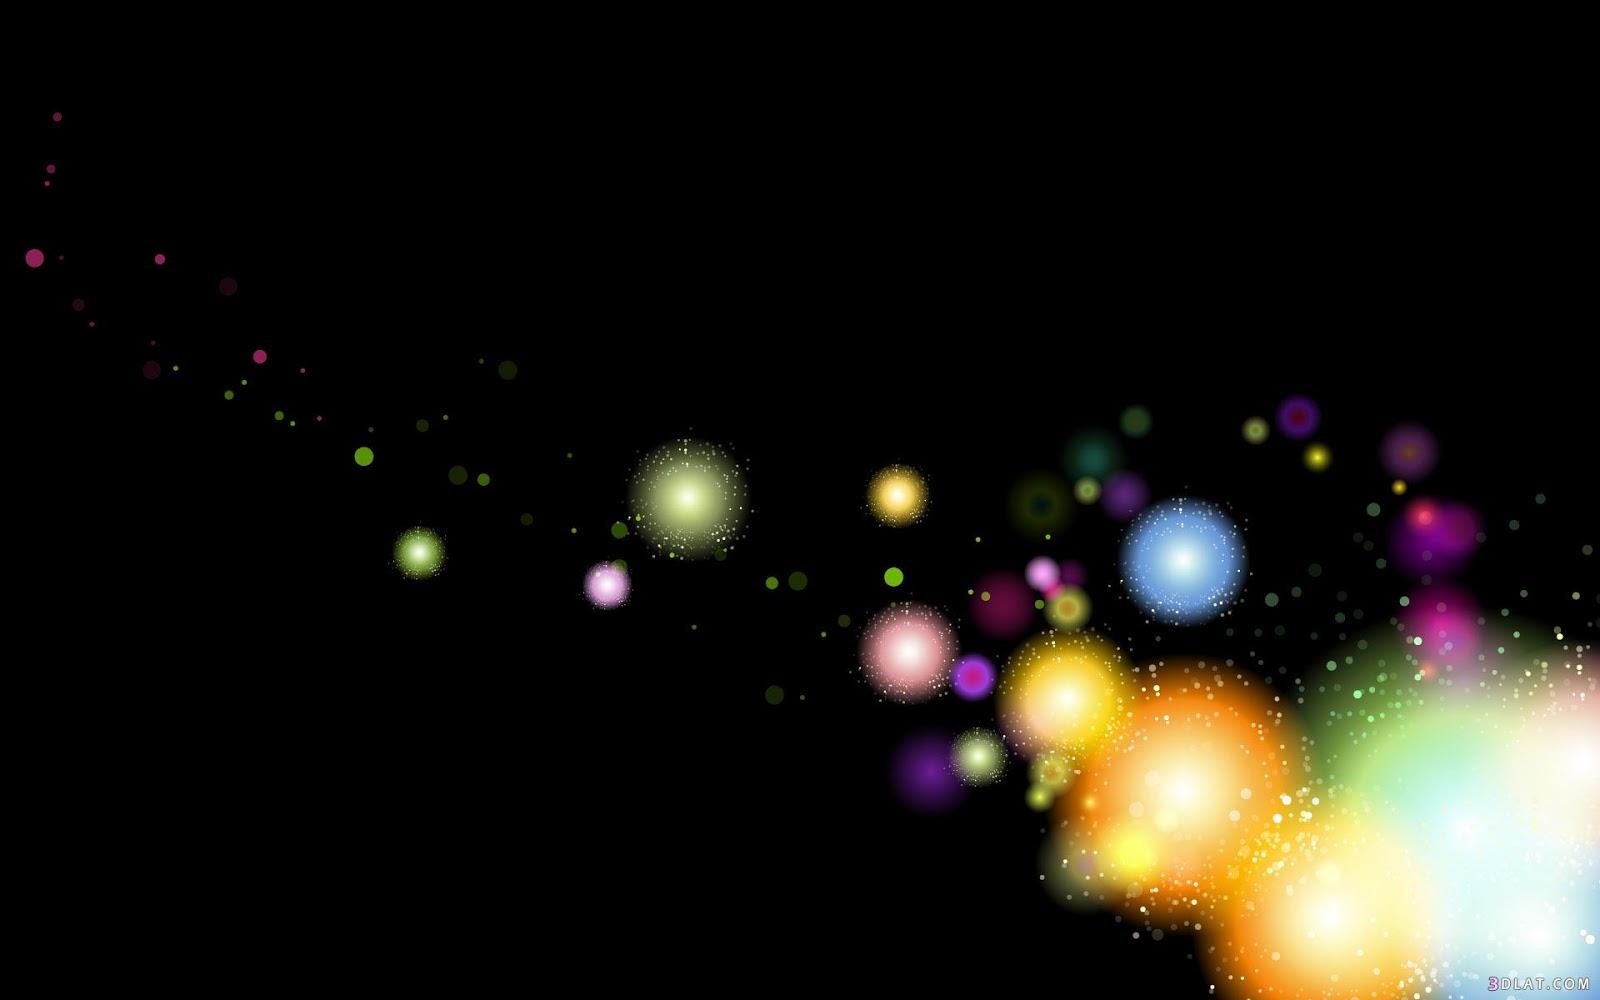 السترة مجداف المصبوب صور للتصميم للفوتوشوب دقة عاليه شنط سفر Pleasantgroveumc Net